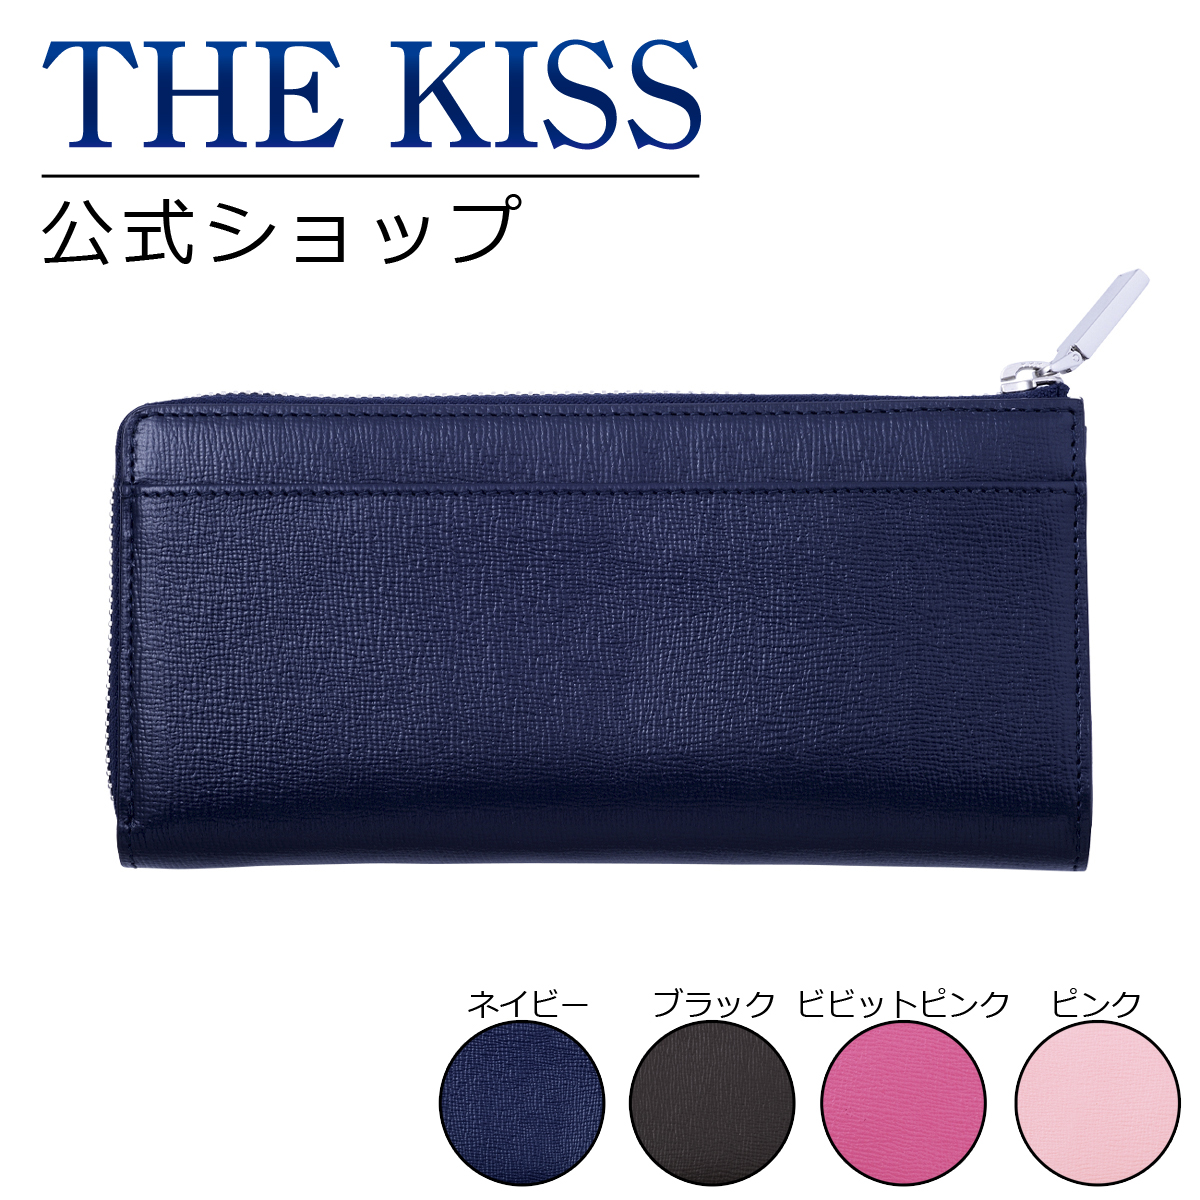 【あす楽対応】THE KISS 公式サイト ロングウォレット 記念日 プレゼント WL100 ザキス 【送料無料】